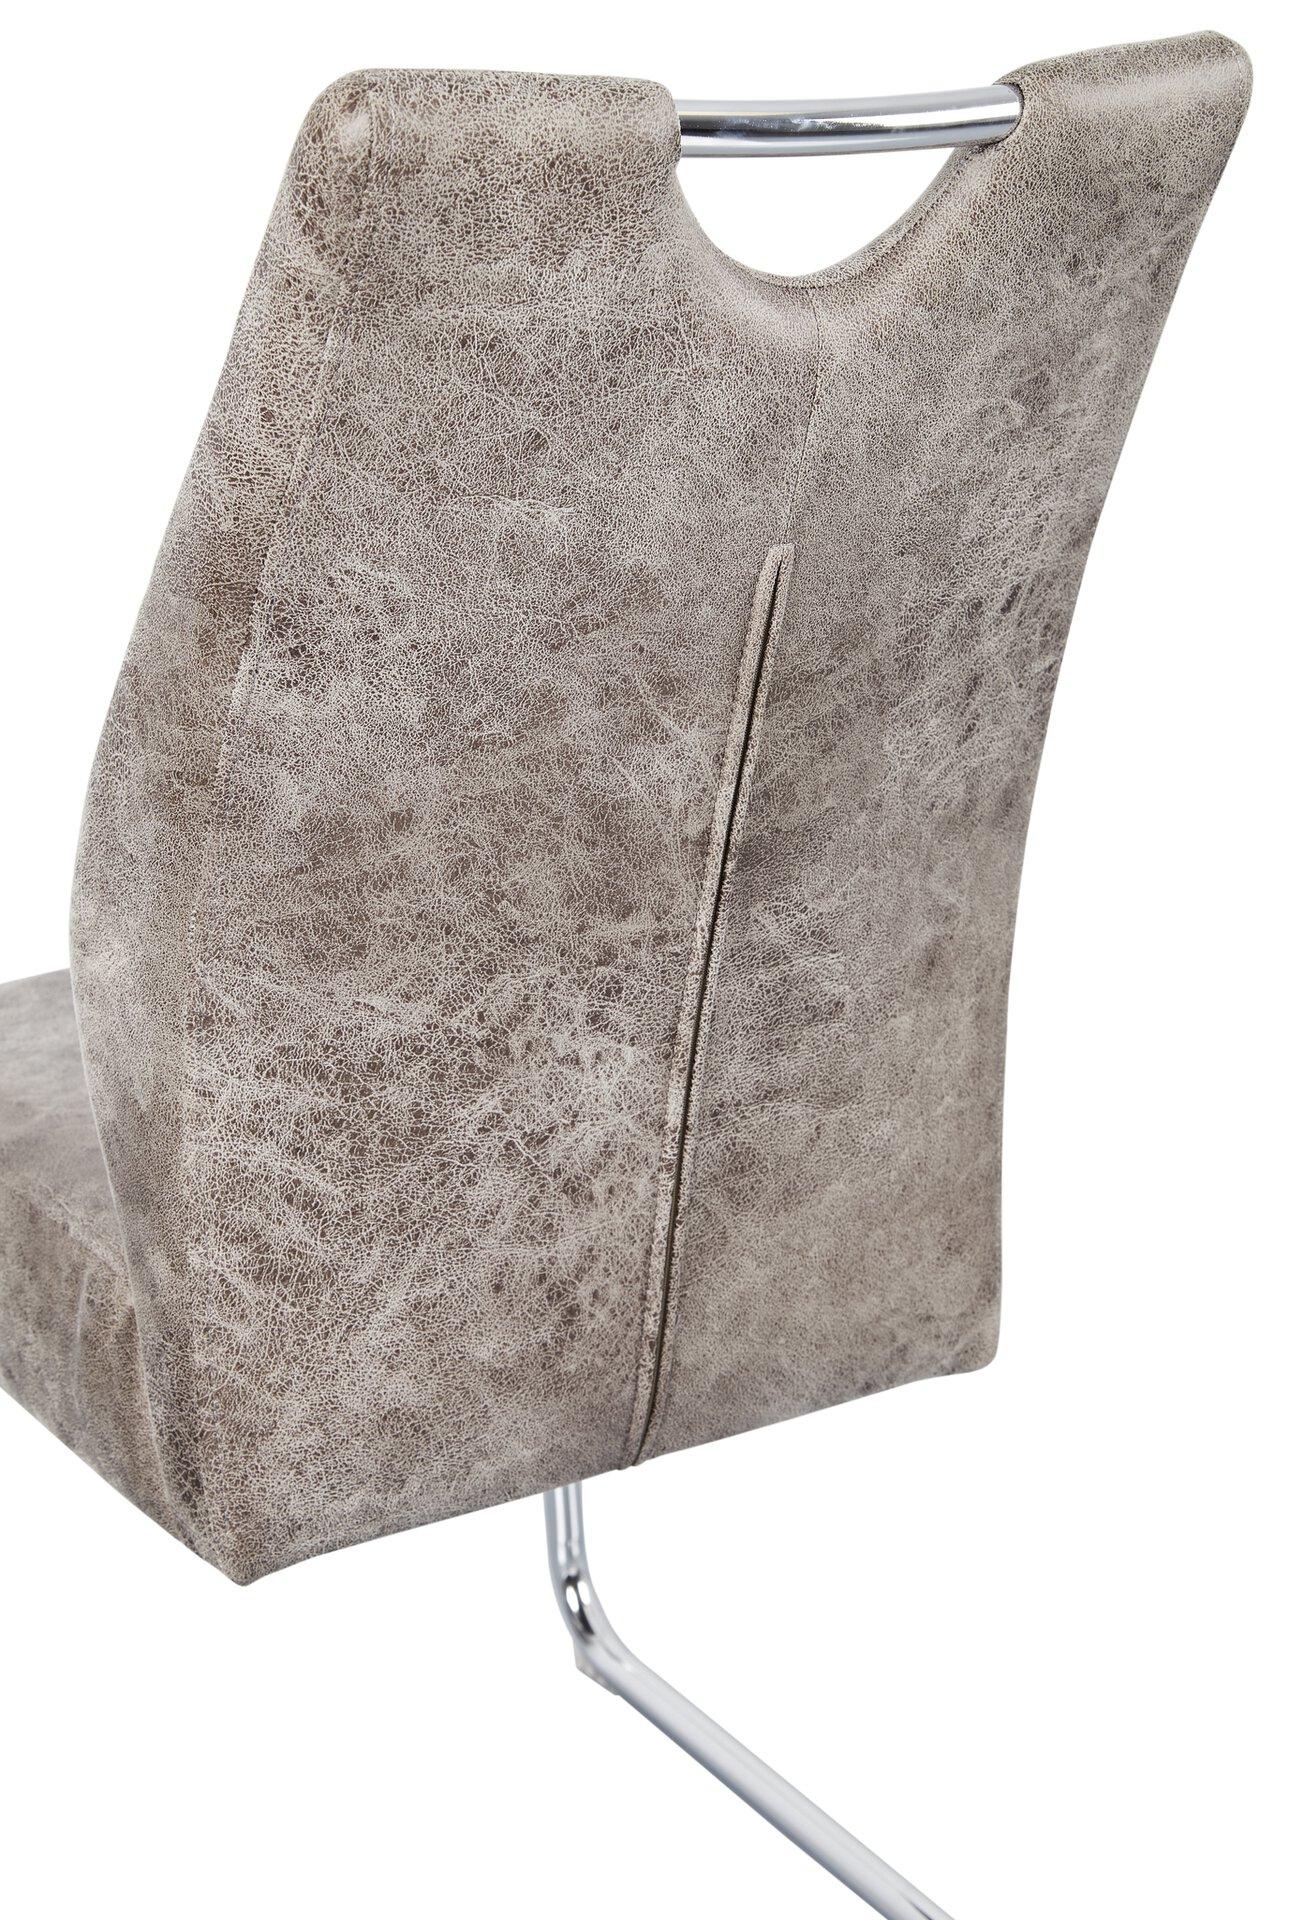 Freischwinger MANHATTEN Dinett Textil 59 x 100 x 47 cm